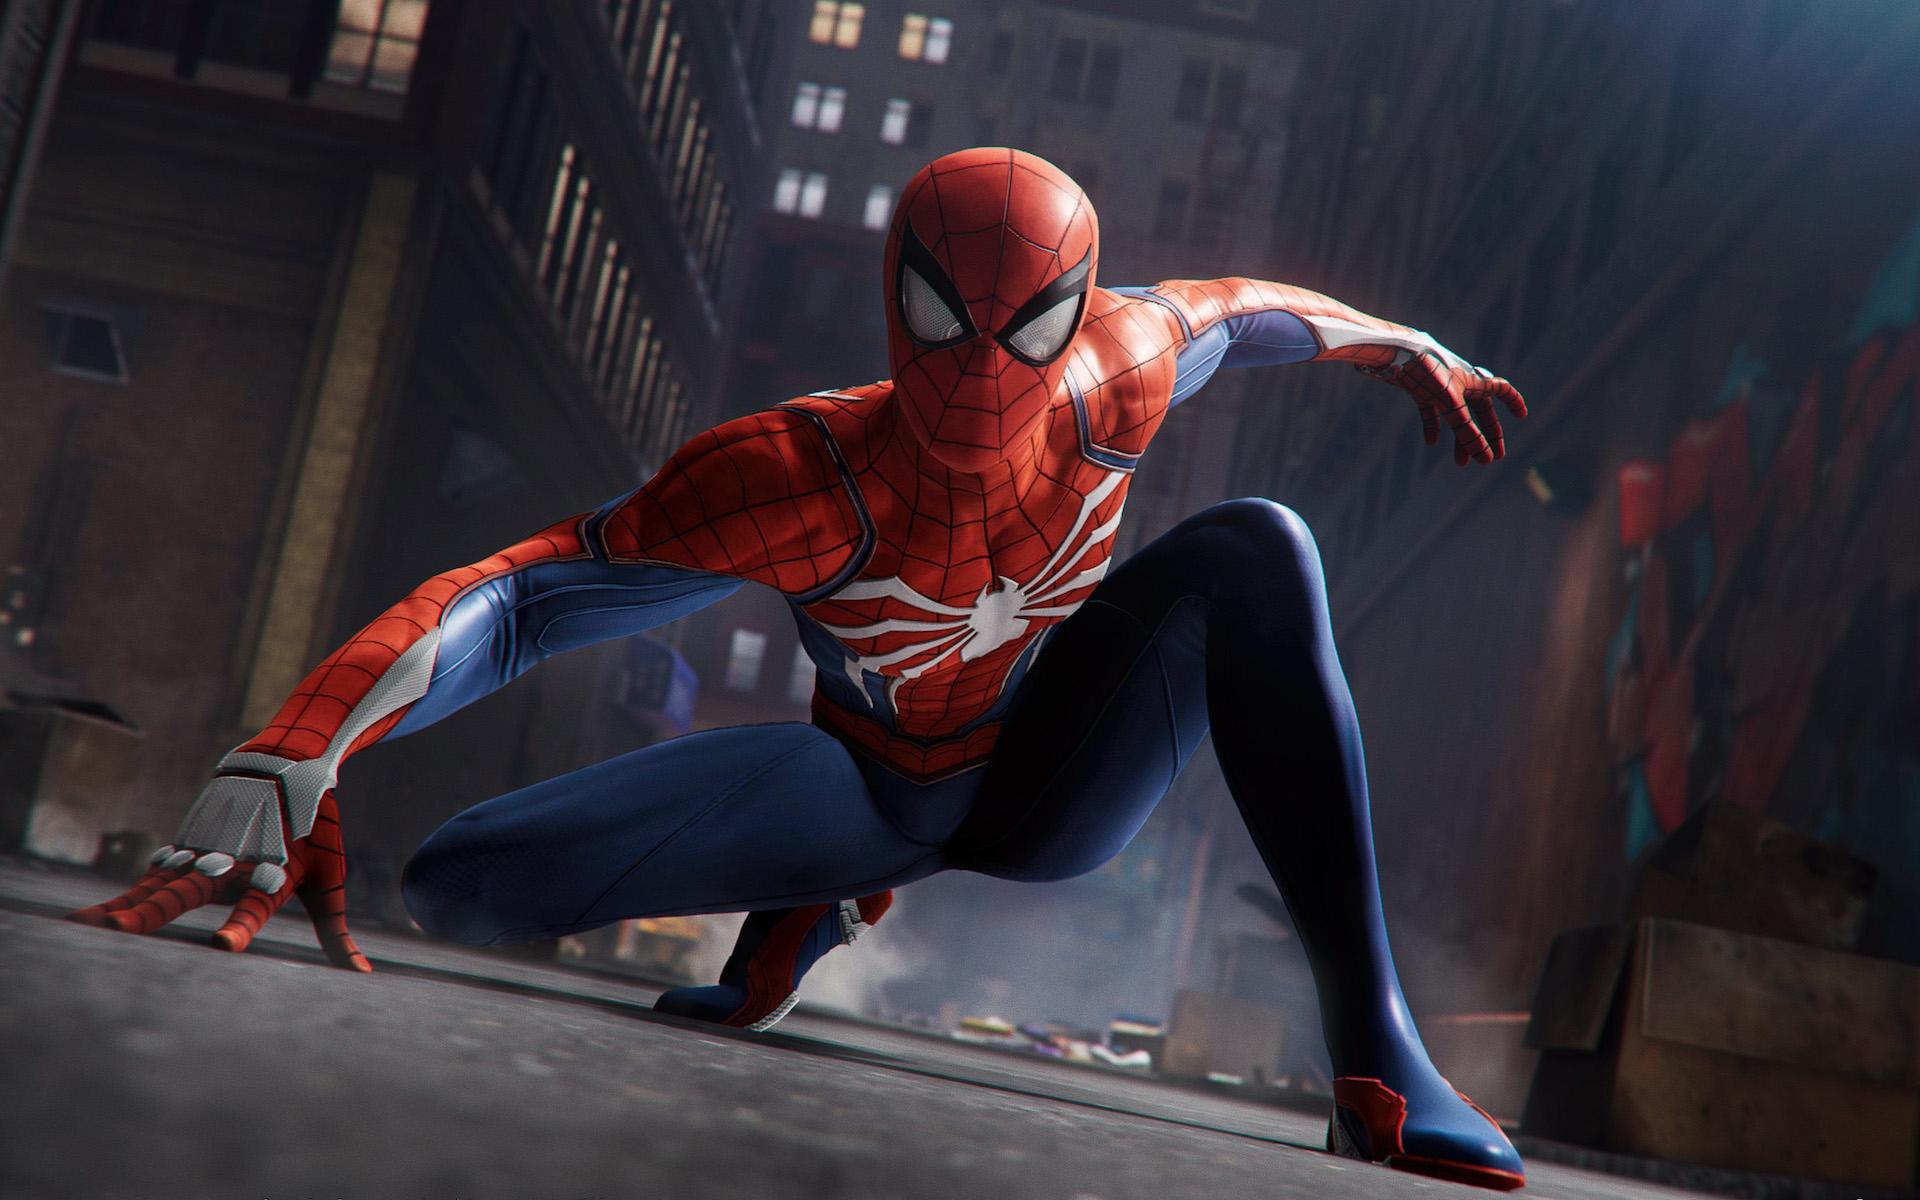 Spider-Man berrikuspenen oharrak argitaratu dira